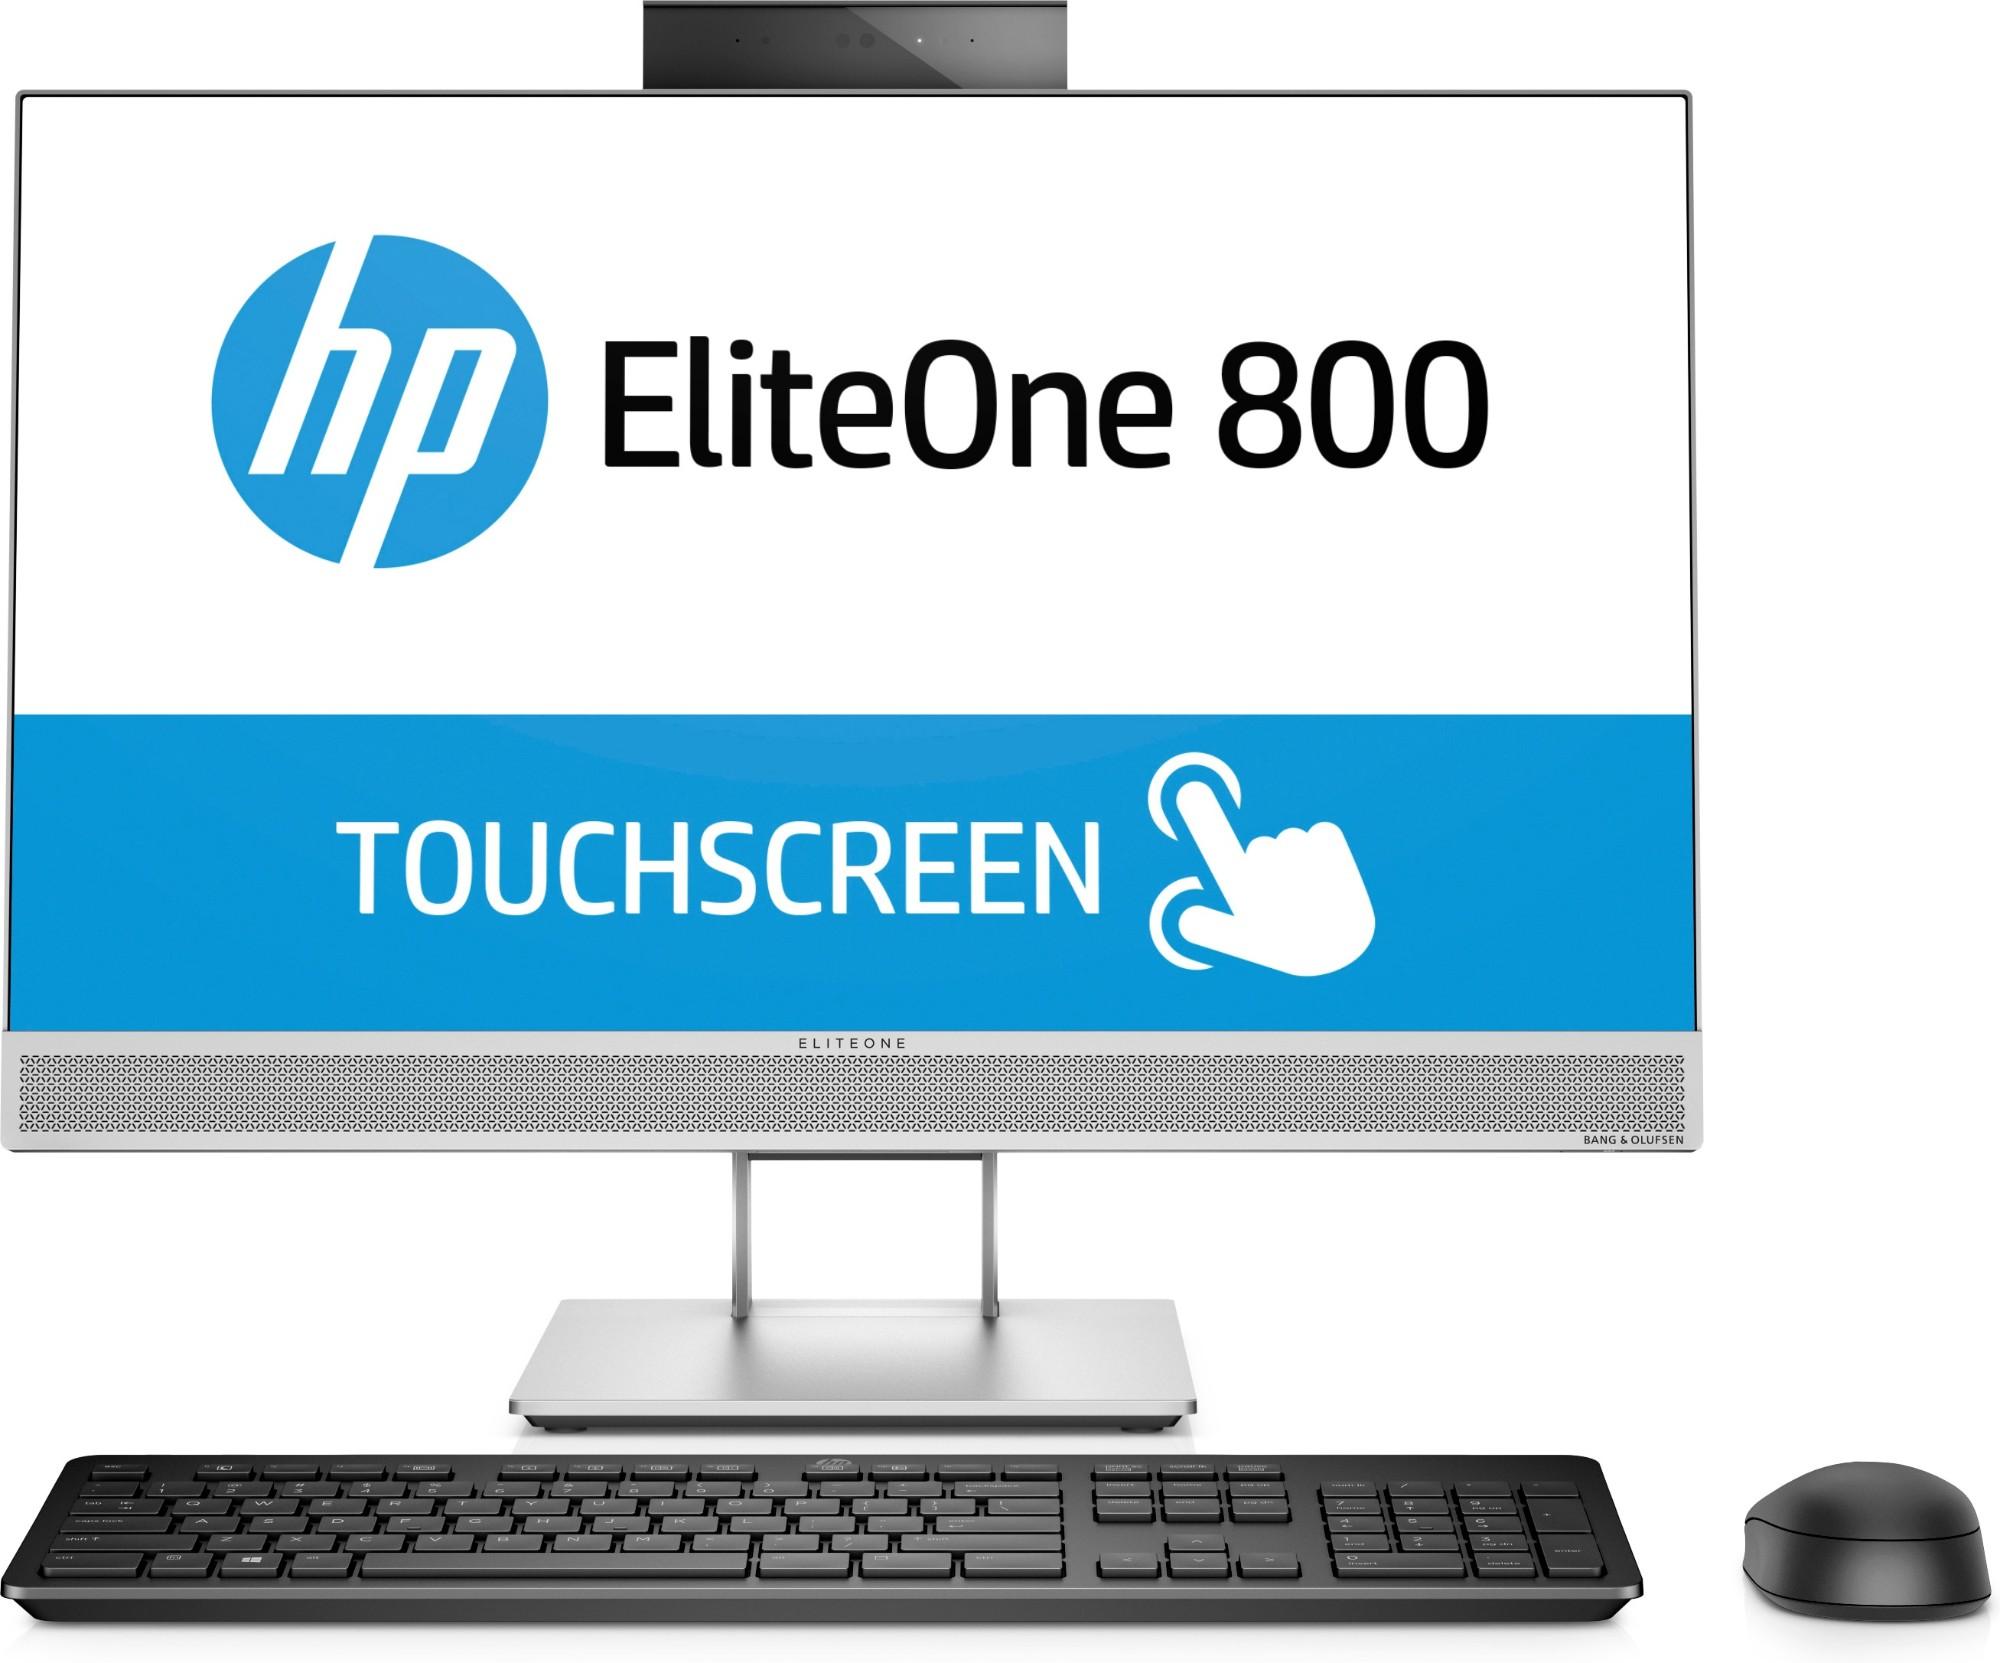 HP AIO EliteOne 800 G4 4KX09ET#ABU Core i7-8700 16GB 512GB SSD DVDRW 23.8Touch FHD Win 10 Pro